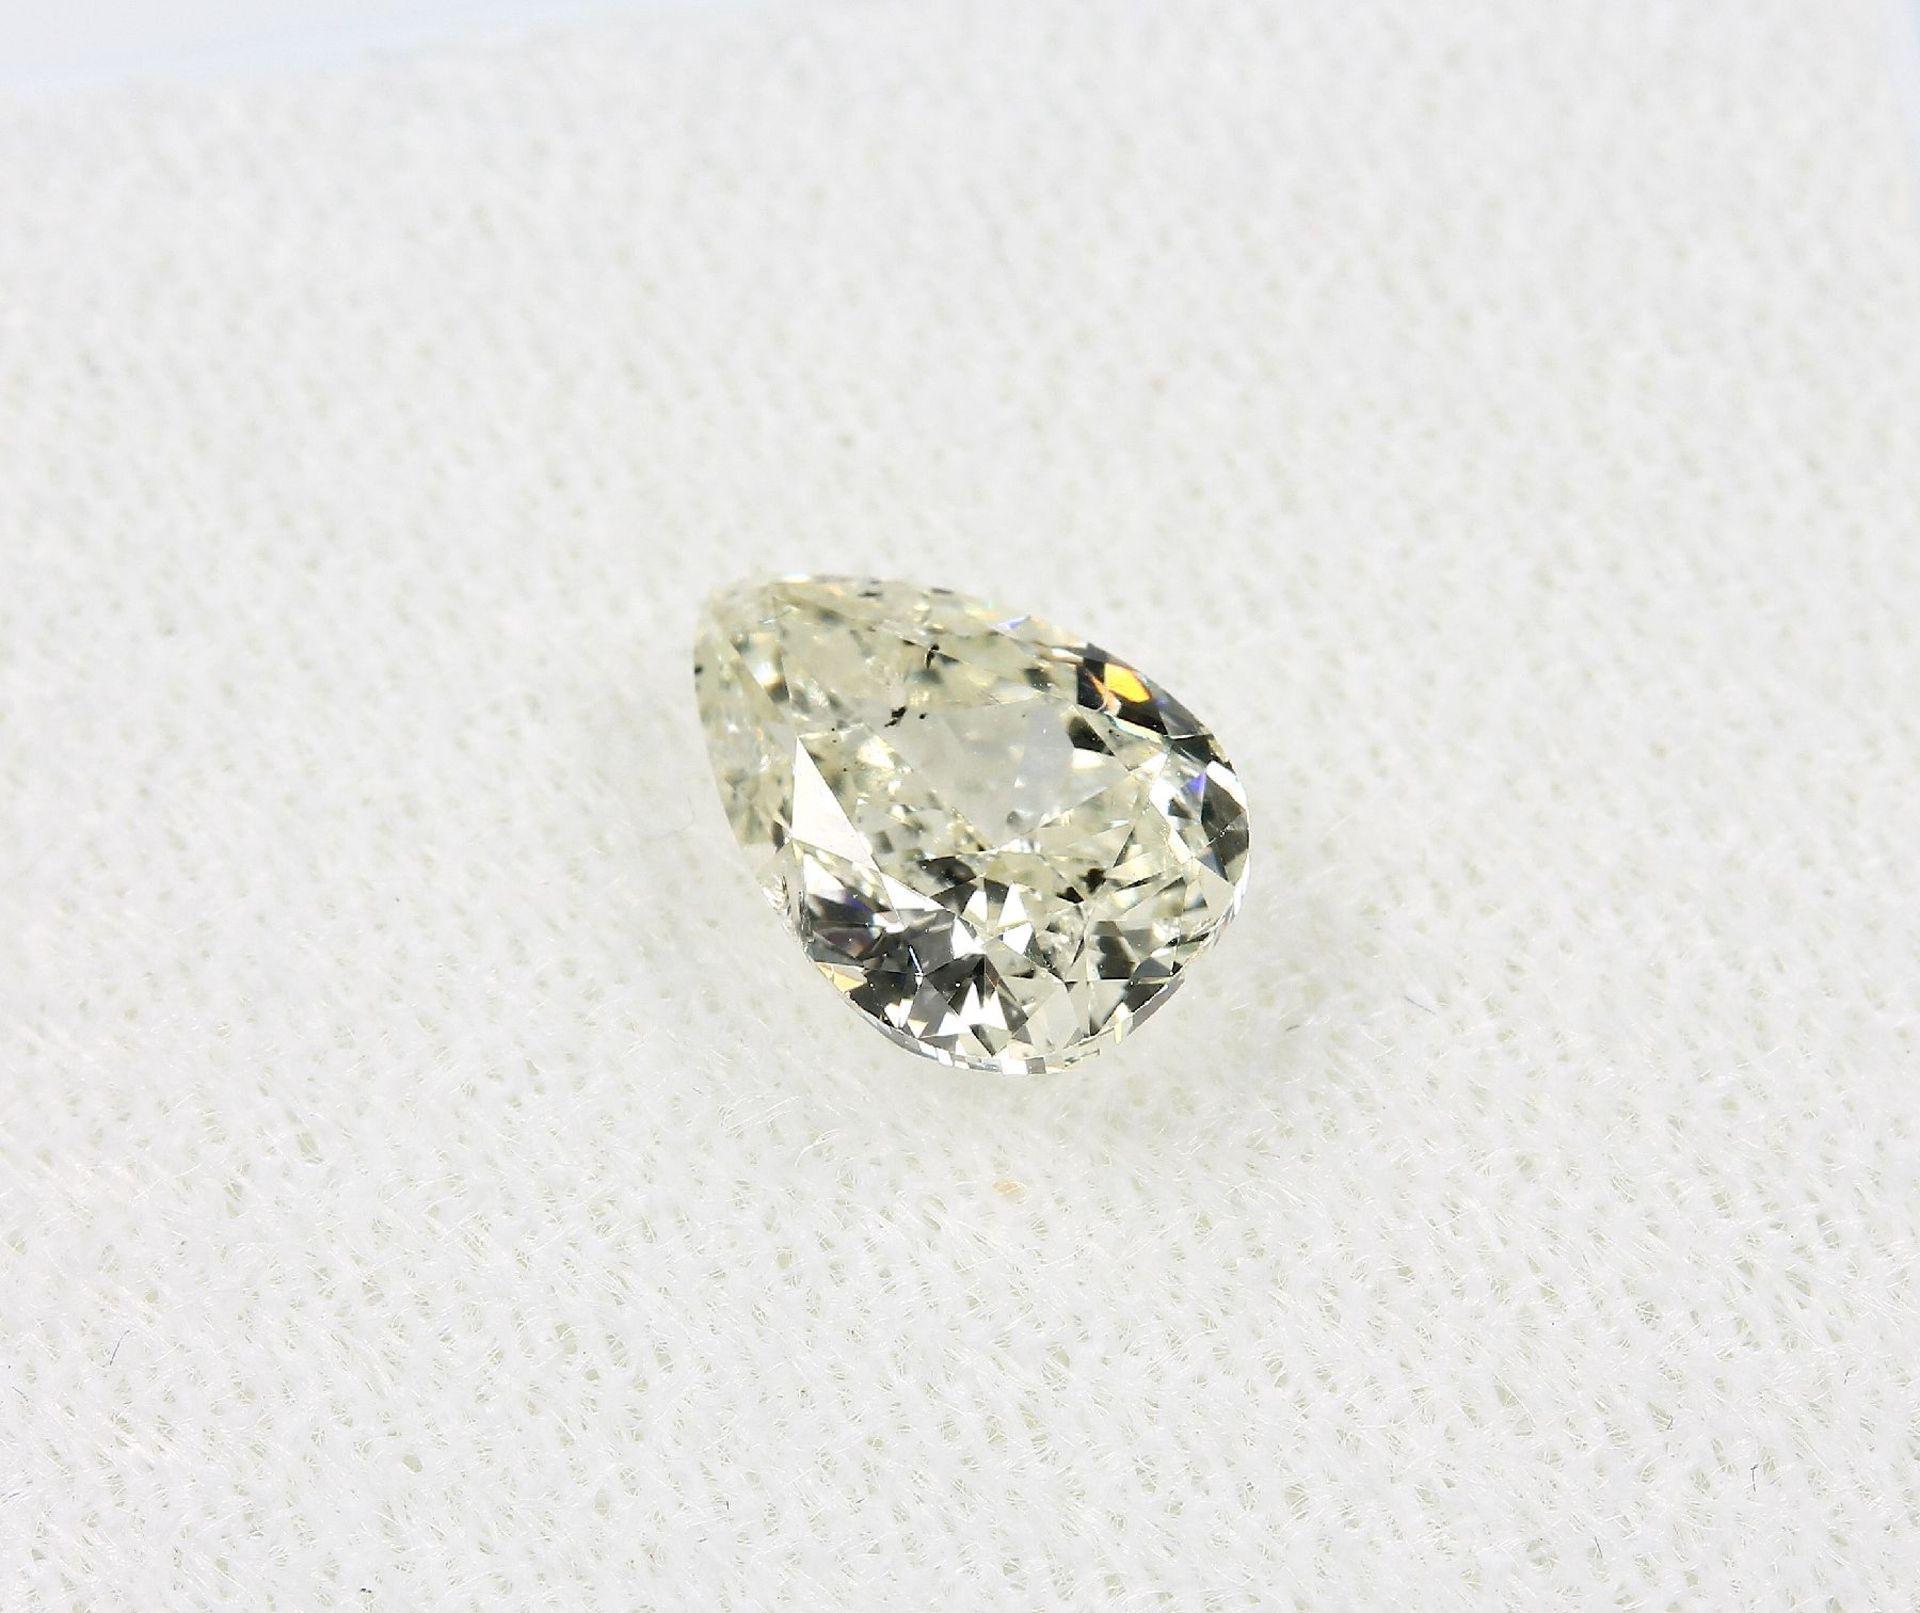 Loser Diamant, 1.02 ct get.Weiß (L)/p1, tropfenf. facett., mit HRD-Expertise Schätzpreis: 2565, - - Bild 3 aus 5